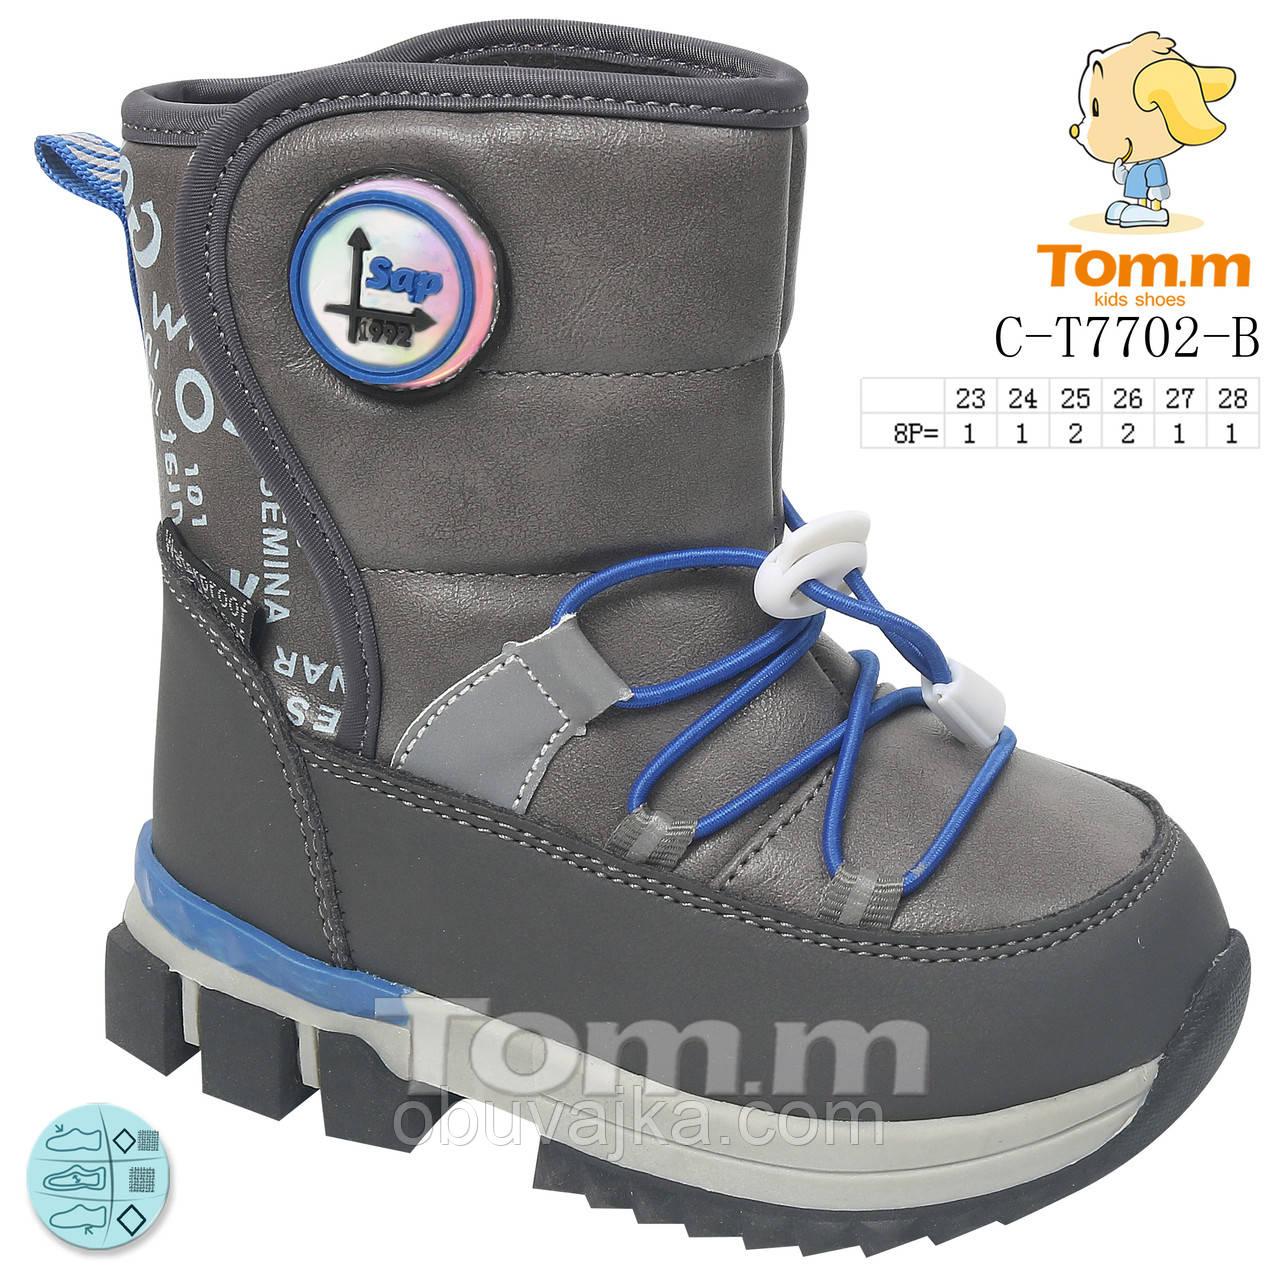 Зимняя обувь Ботинки для мальчиков от фирмы Tom m(23-28)